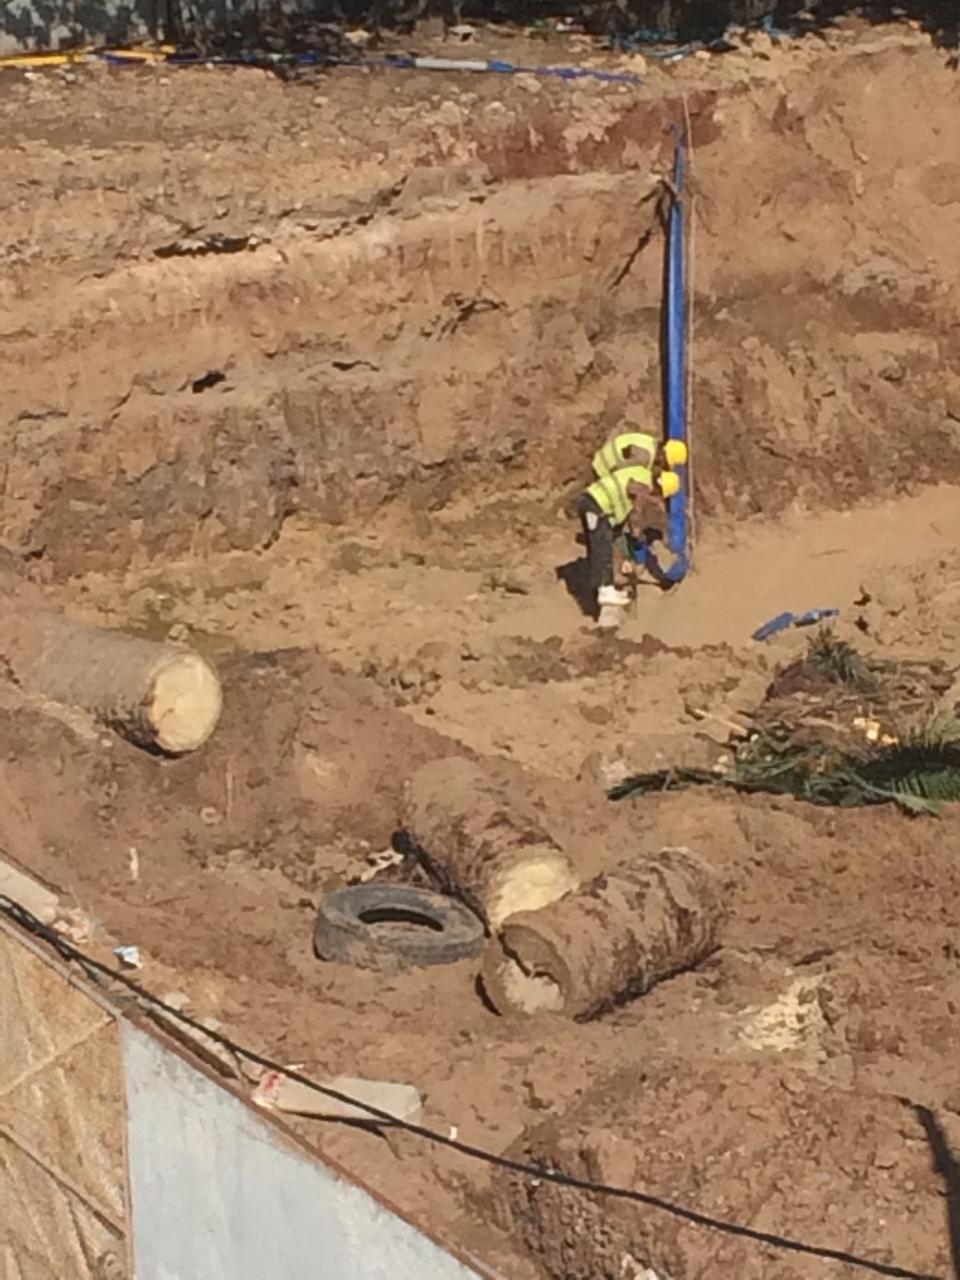 بالصور : مقاولة في البناء بالمحمدية تعدم شجرة النخيل بعد اقتلاعها .